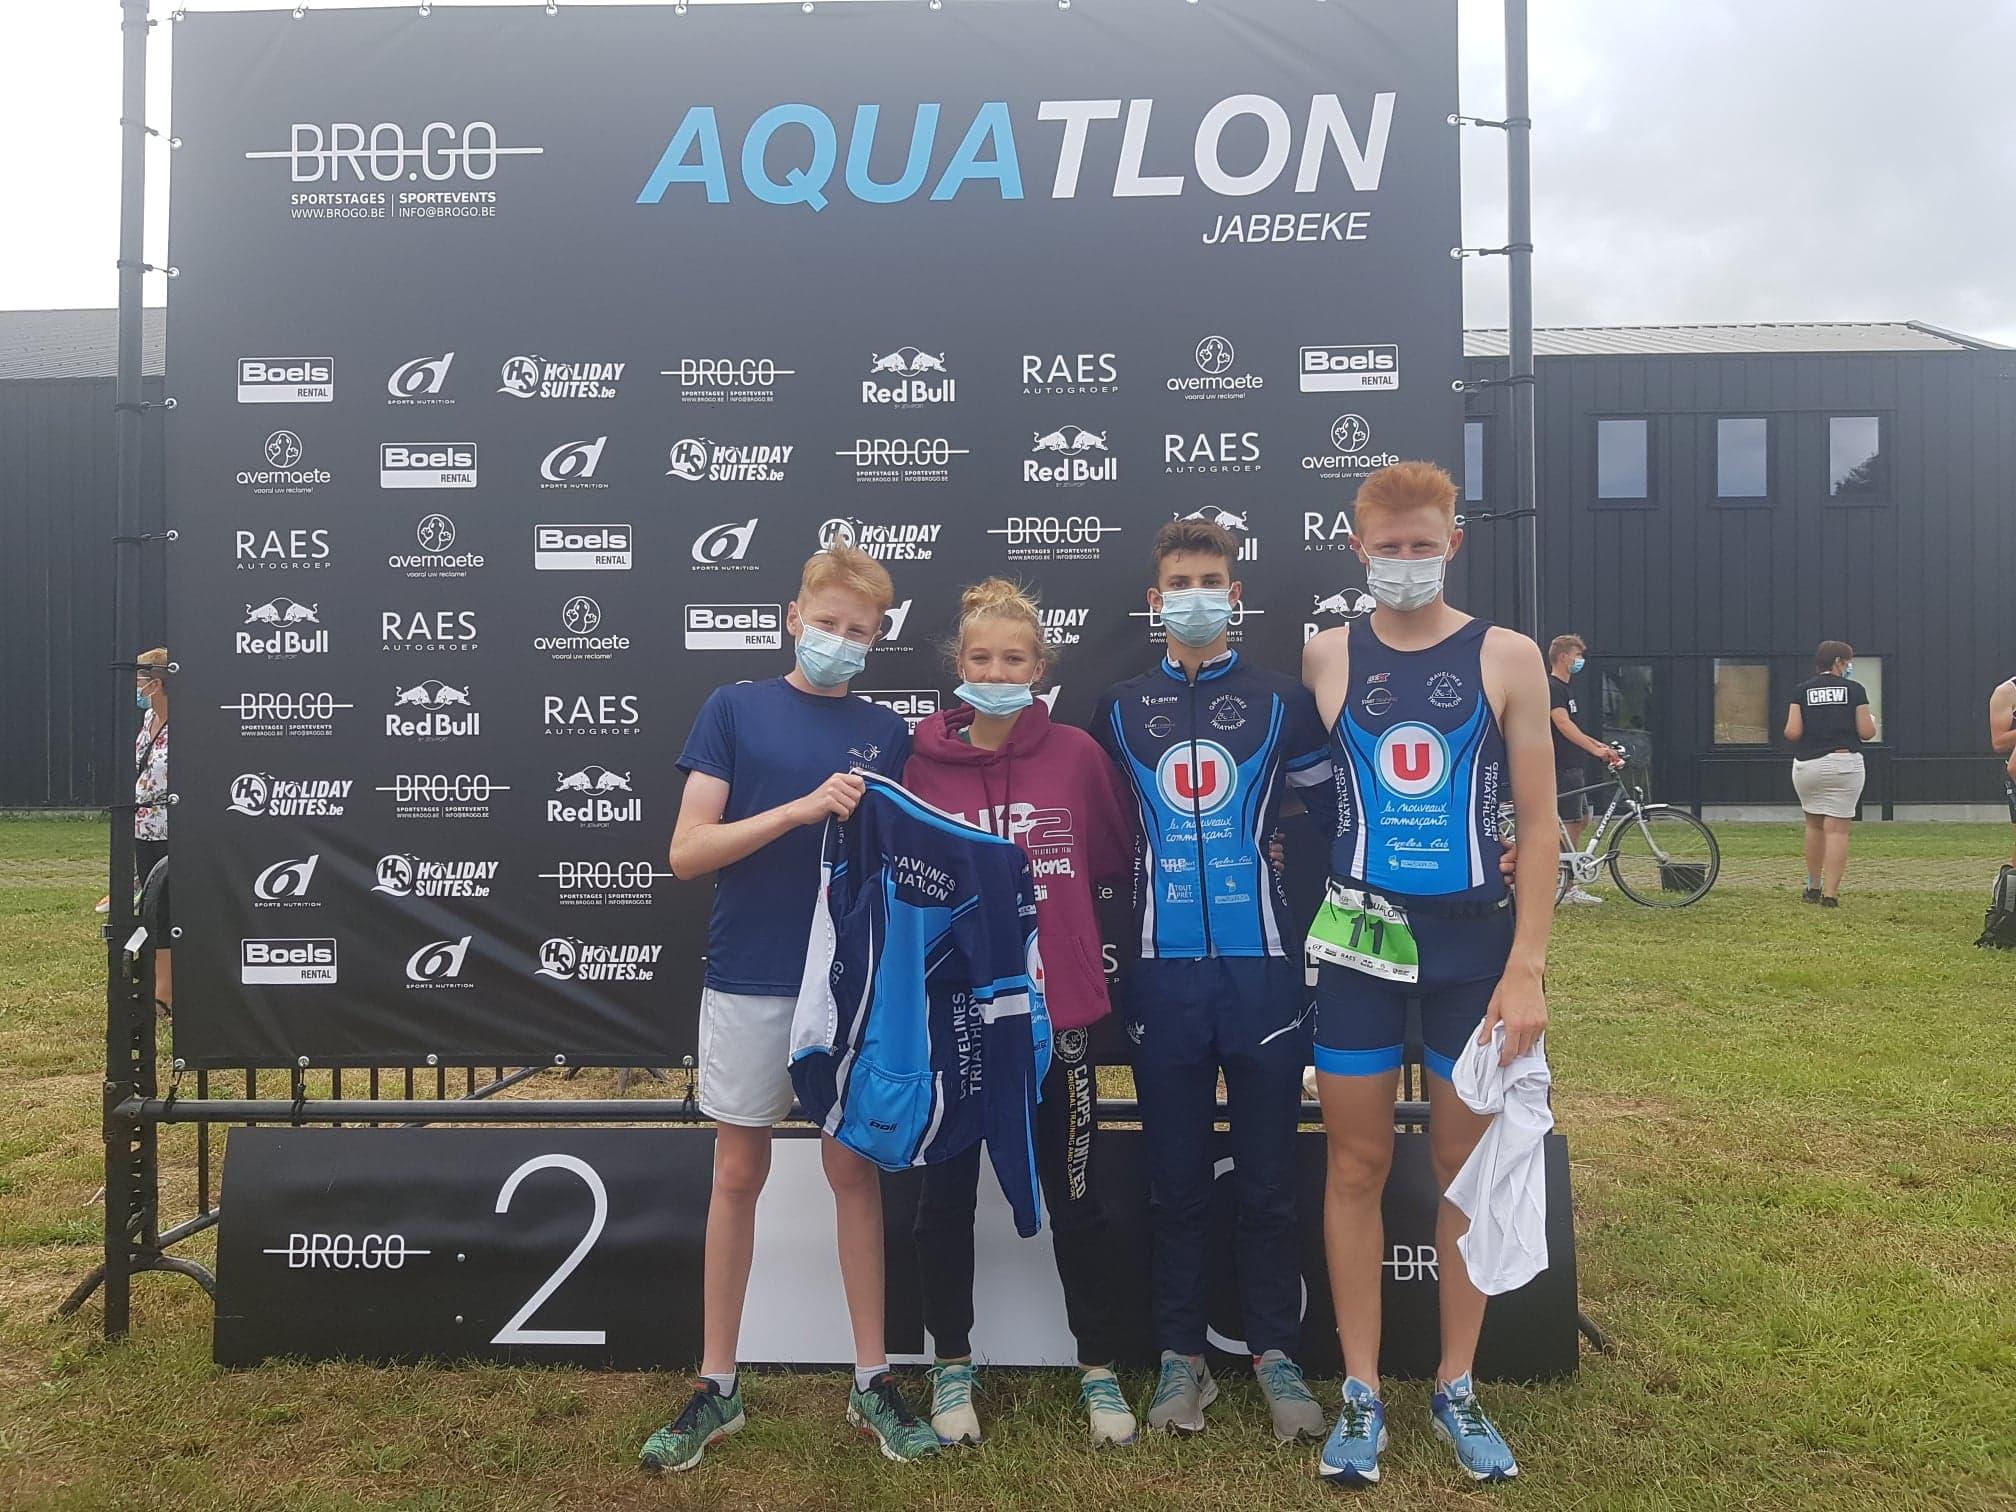 Résultats Aquathlon Jabbeke (Belgique)